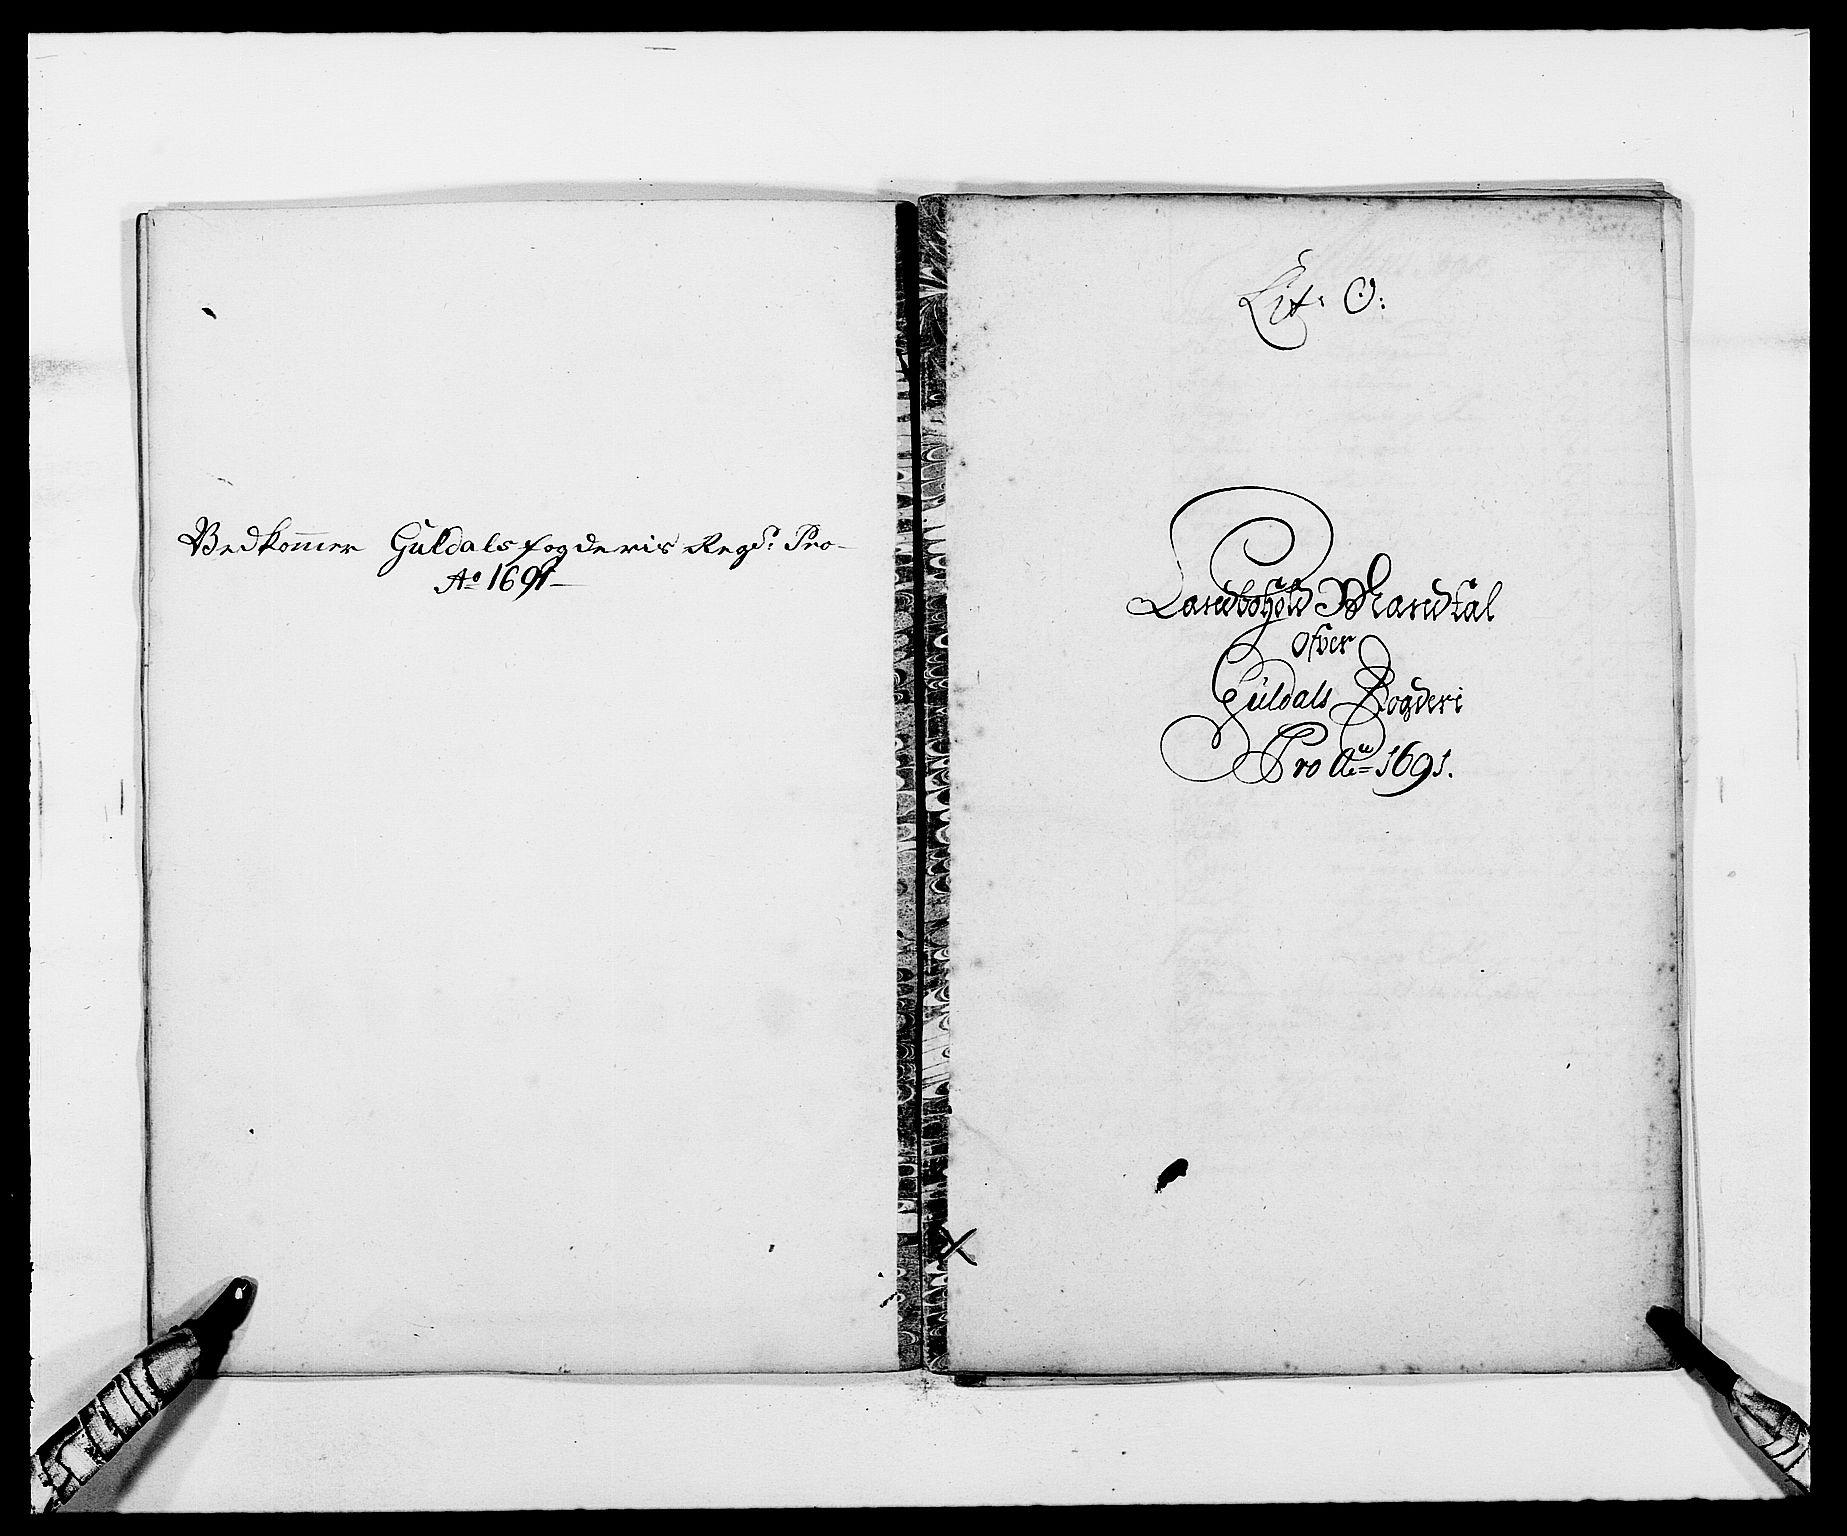 RA, Rentekammeret inntil 1814, Reviderte regnskaper, Fogderegnskap, R59/L3941: Fogderegnskap Gauldal, 1691, s. 143